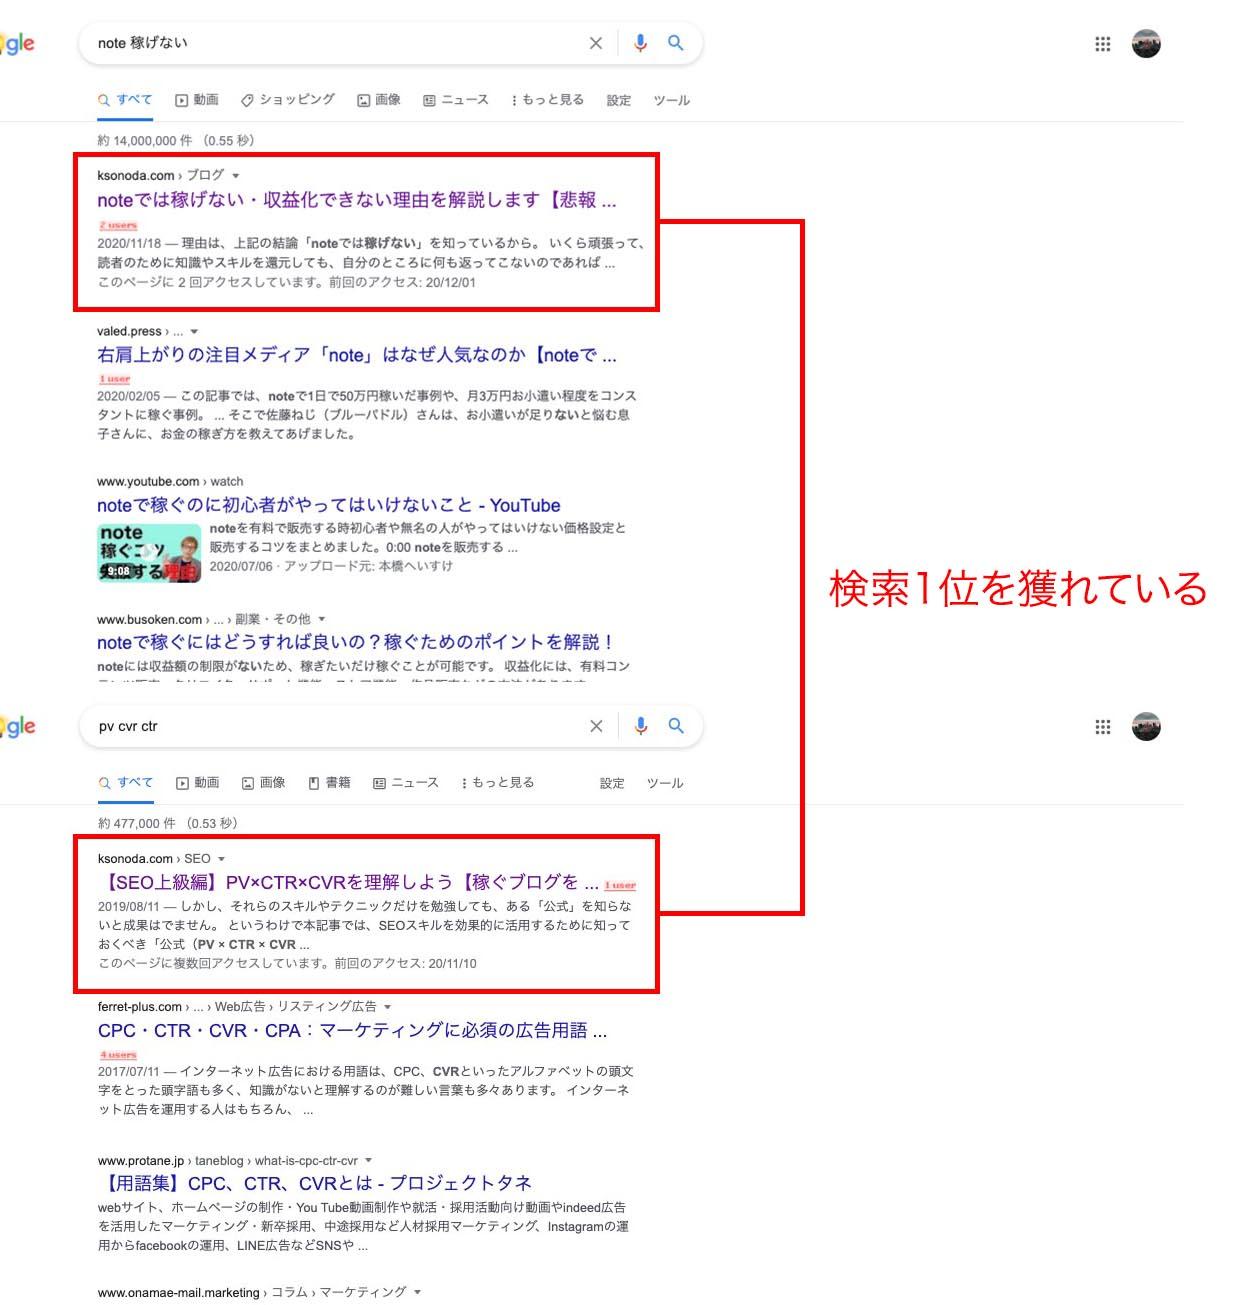 【実績】SEOキーワードを意識すると検索上位が取れる